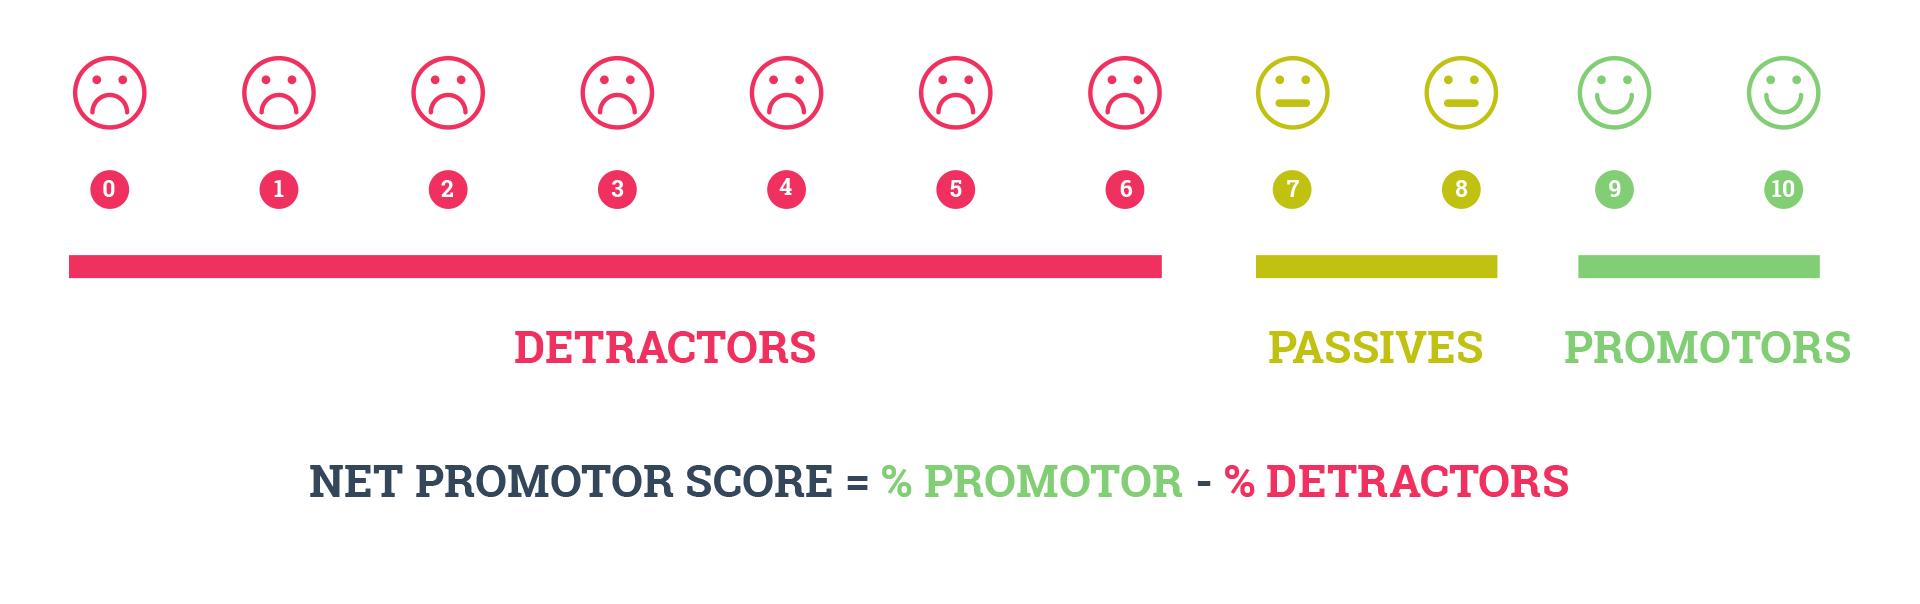 Net Promotor Score = % Promotor - & Dectractors